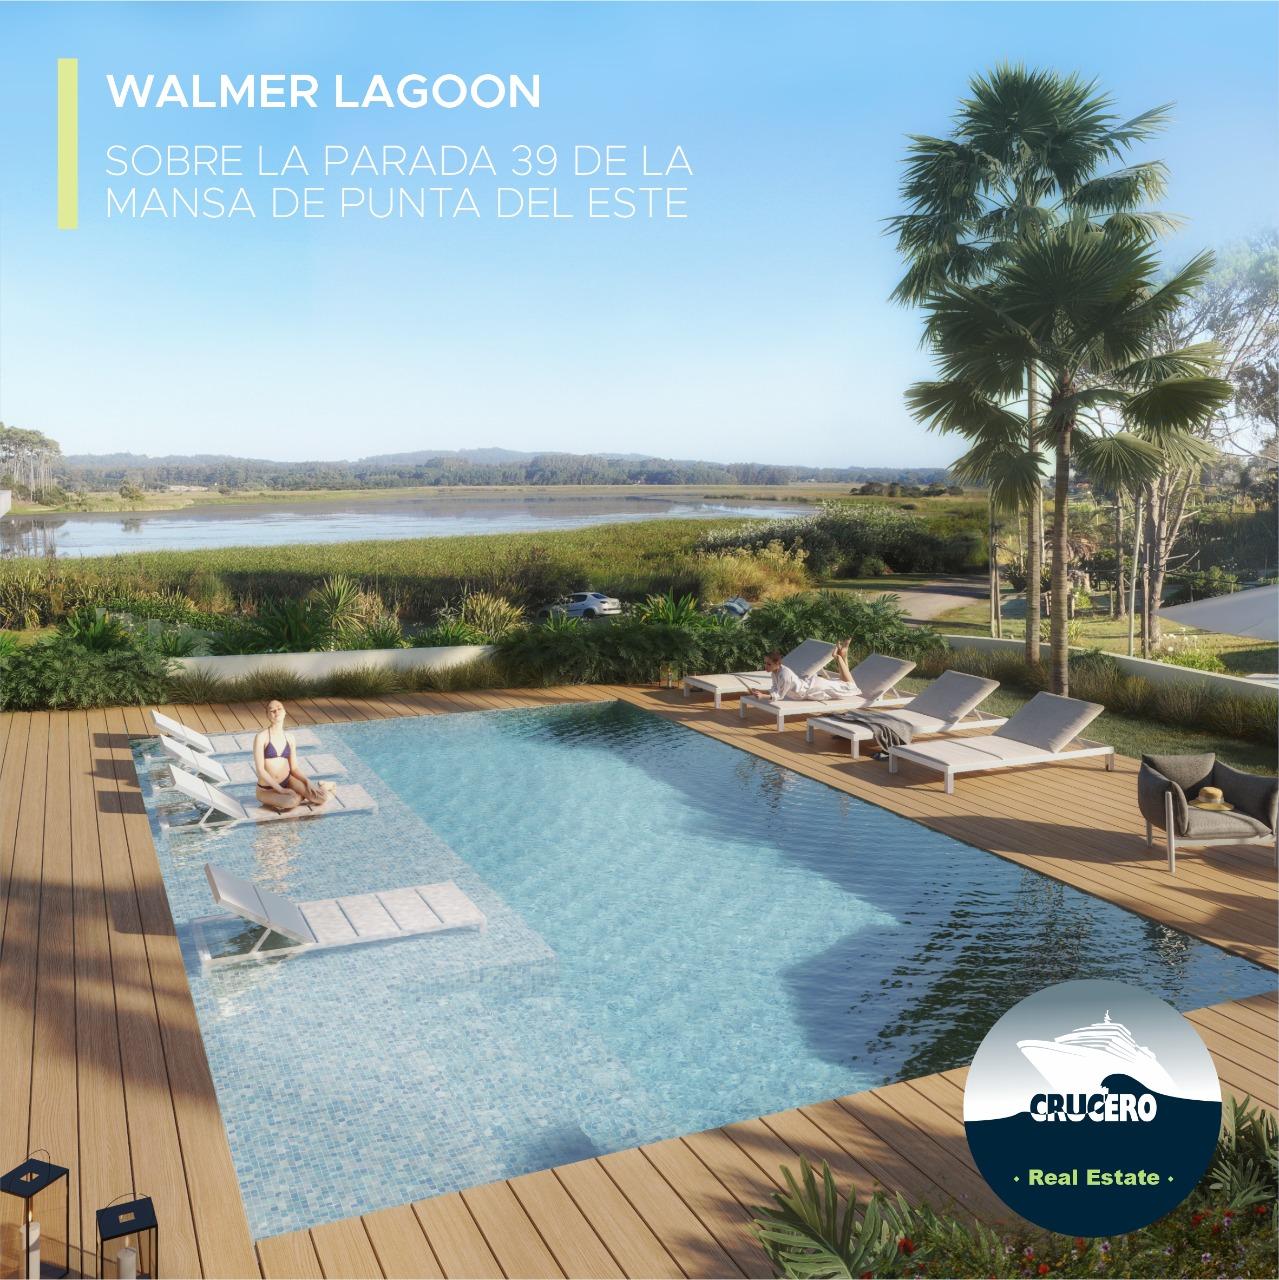 Walmer Lagoon